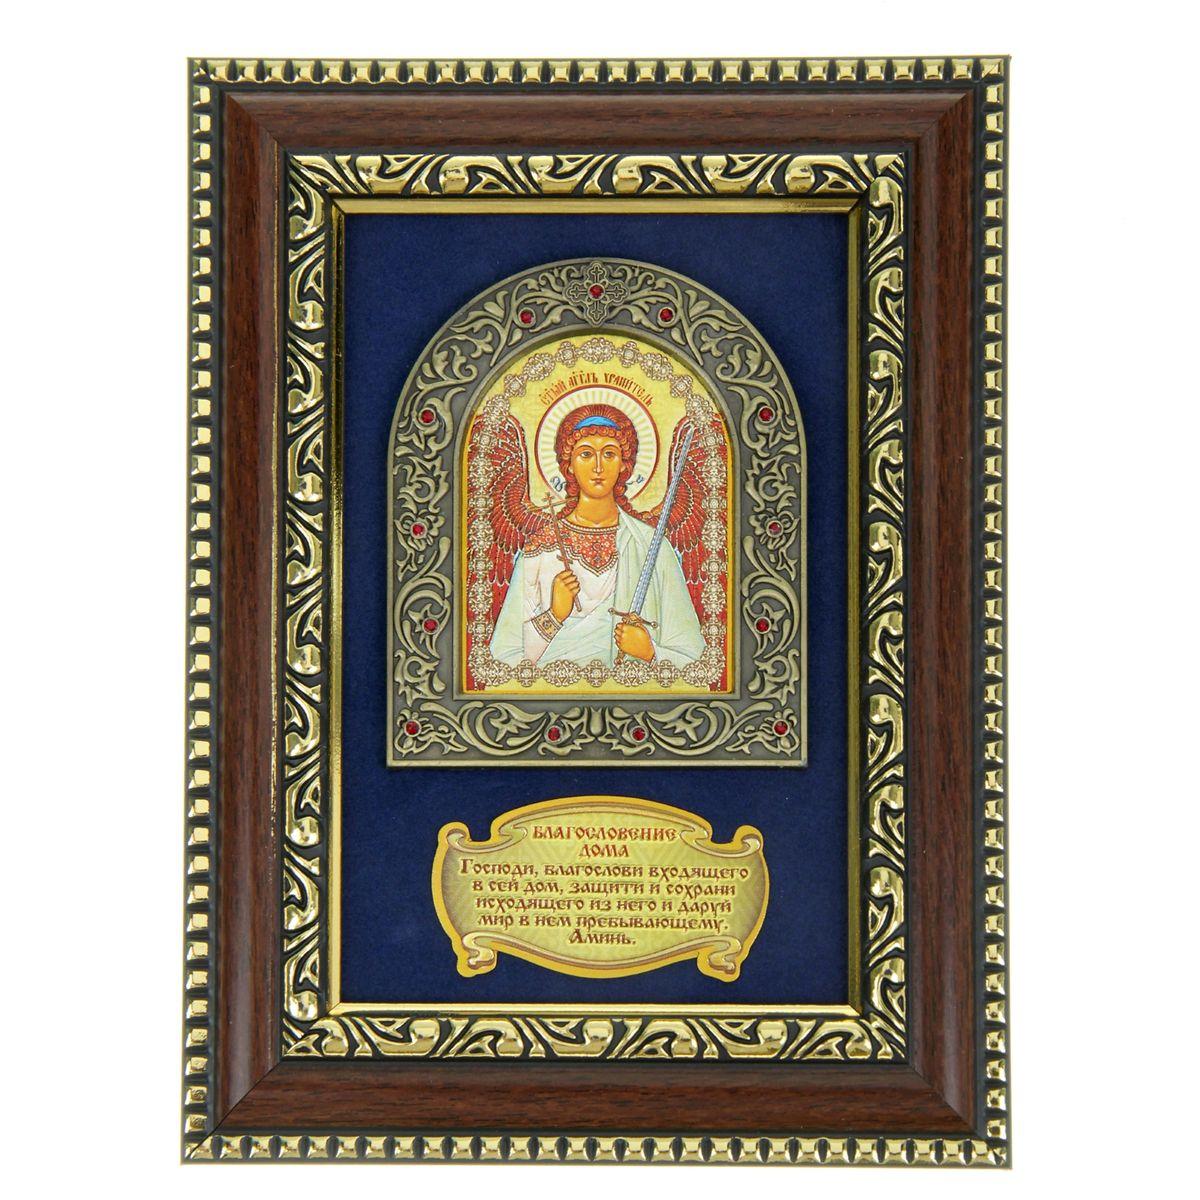 Панно-икона Ангел-Хранитель, 14,5 см х 19,5 смFS-80264Панно-икона Ангел-Хранитель представляет собой небольшую икону, размещенную на картонной подложке синего цвета. Ниже расположена табличка с молитвой Благословение дома. Господи, благослови входящего в сей дом, защити и сохрани исходящего из него и даруй мир в нем пребывающему. Аминь. Икона обрамлена в металлическую рамку, украшенную изысканным рельефом и инкрустированную мелкими красными стразами. Рамка для панно с золотистым узорным рельефом выполнена из дерева. Панно можно подвесить на стену или поставить на стол, для чего с задней стороны предусмотрена специальная ножка. Любое помещение выглядит незавершенным без правильно расположенных предметов интерьера. Они помогают создать уют, расставить акценты, подчеркнуть достоинства или скрыть недостатки. Не бывает незначительных деталей. Из мелочей складывается образ человека и стиль интерьера. Панно-икона Ангел-Хранитель - одна из тех деталей, которые придают дому обжитой вид и создают ощущение уюта.